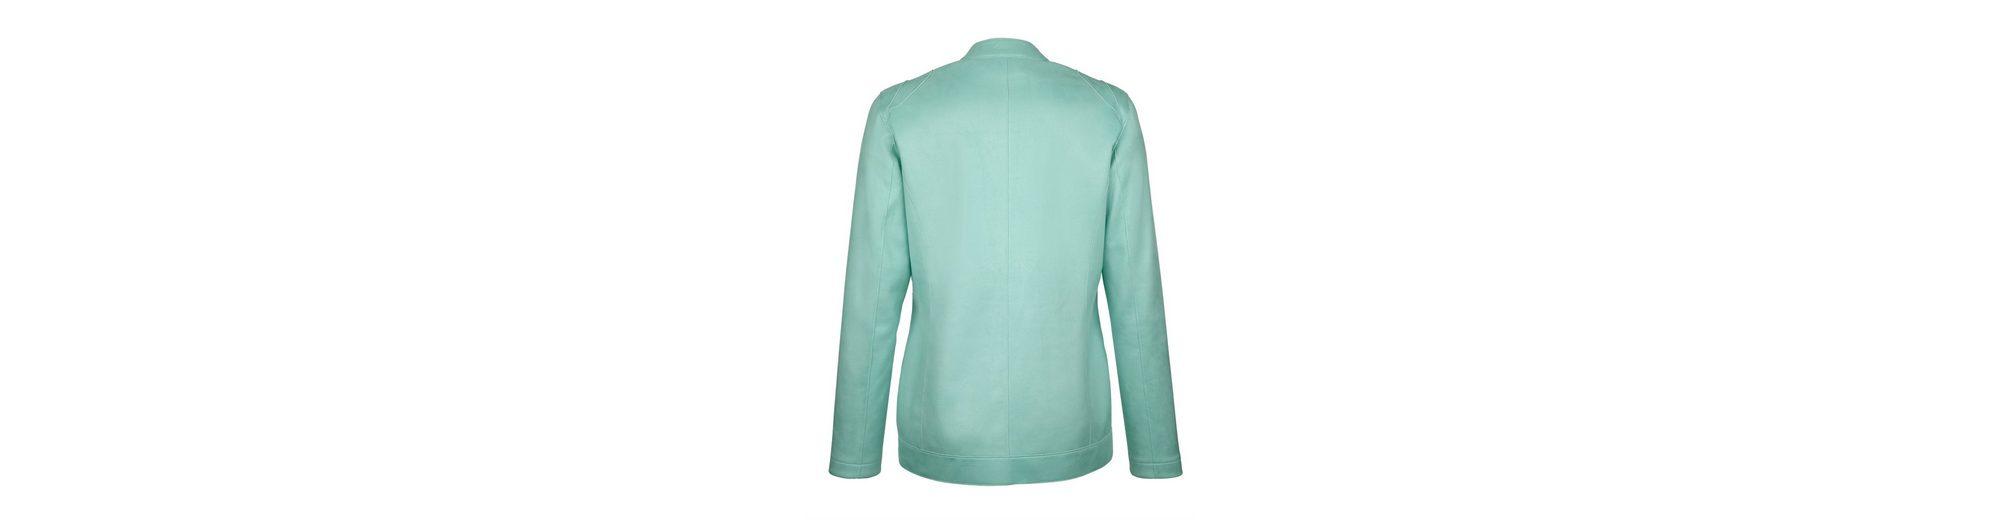 Online-Shopping Hohe Qualität Dress In Jacke mit edlem Lasercut Billig Authentisch Billig 2018 Neu Billig Store Steckdose Authentisch DIB4gAEM